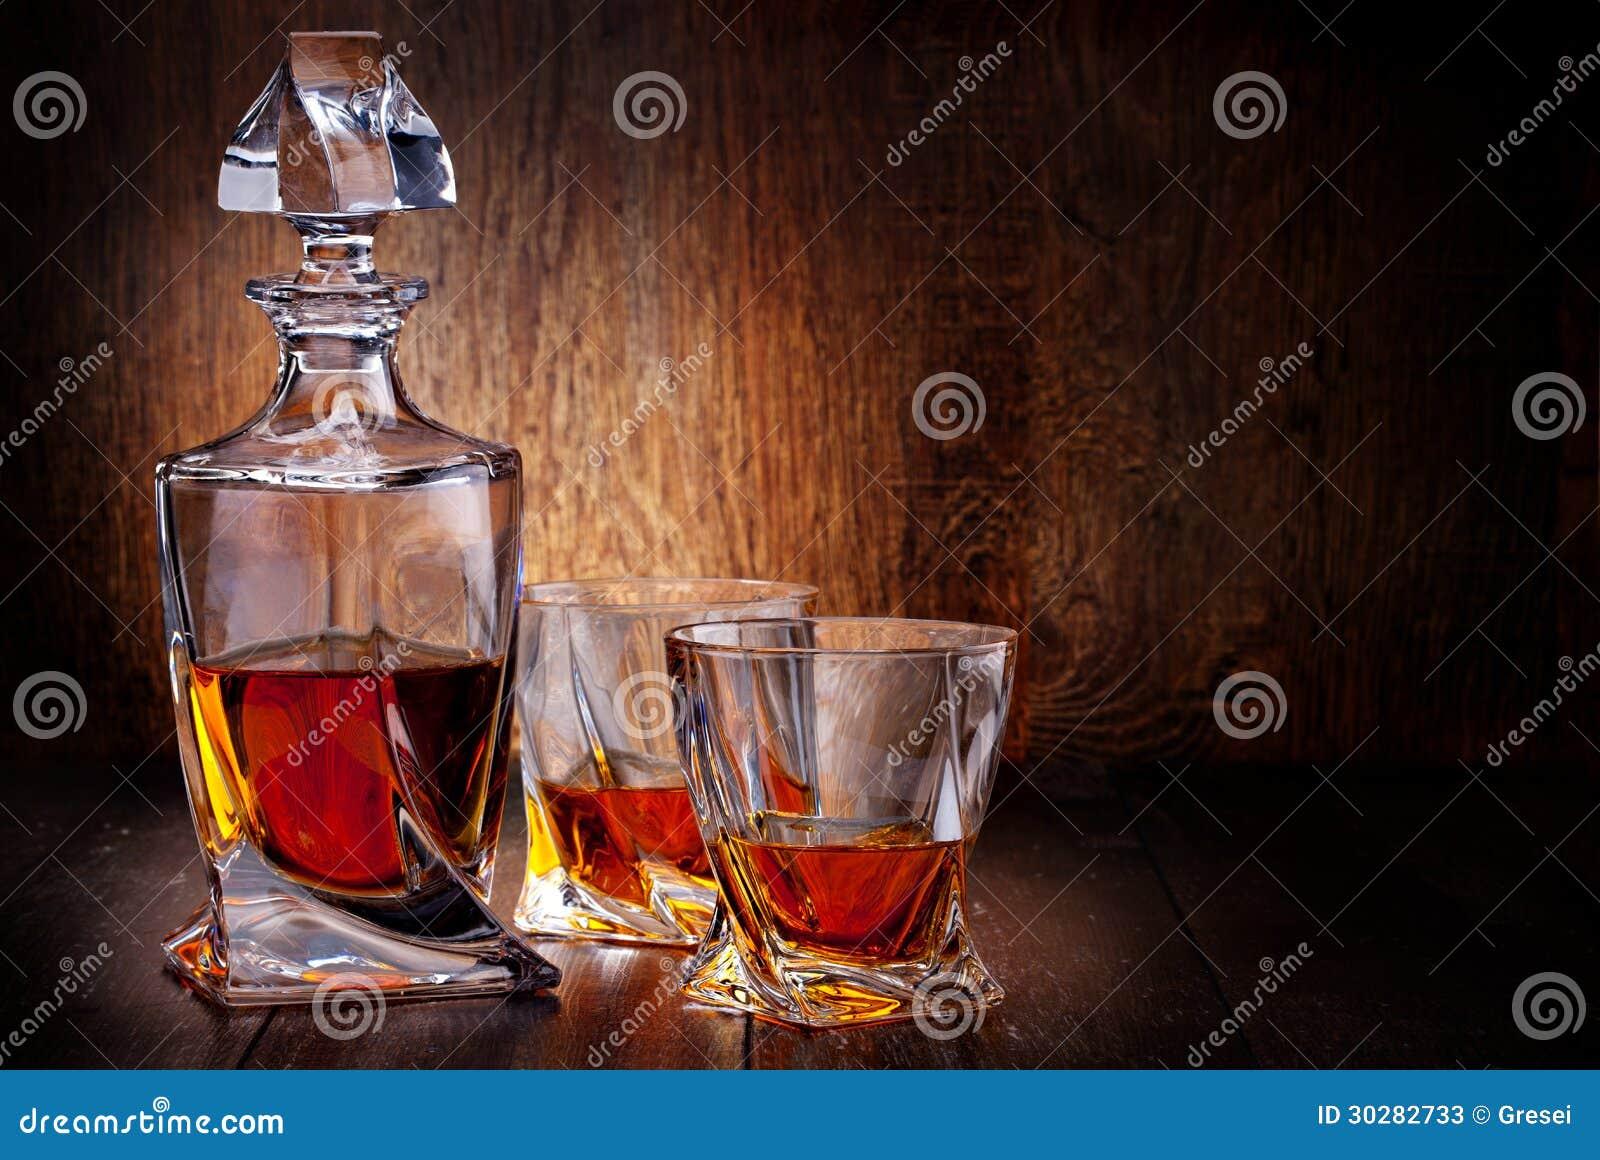 杯苏格兰威士忌酒